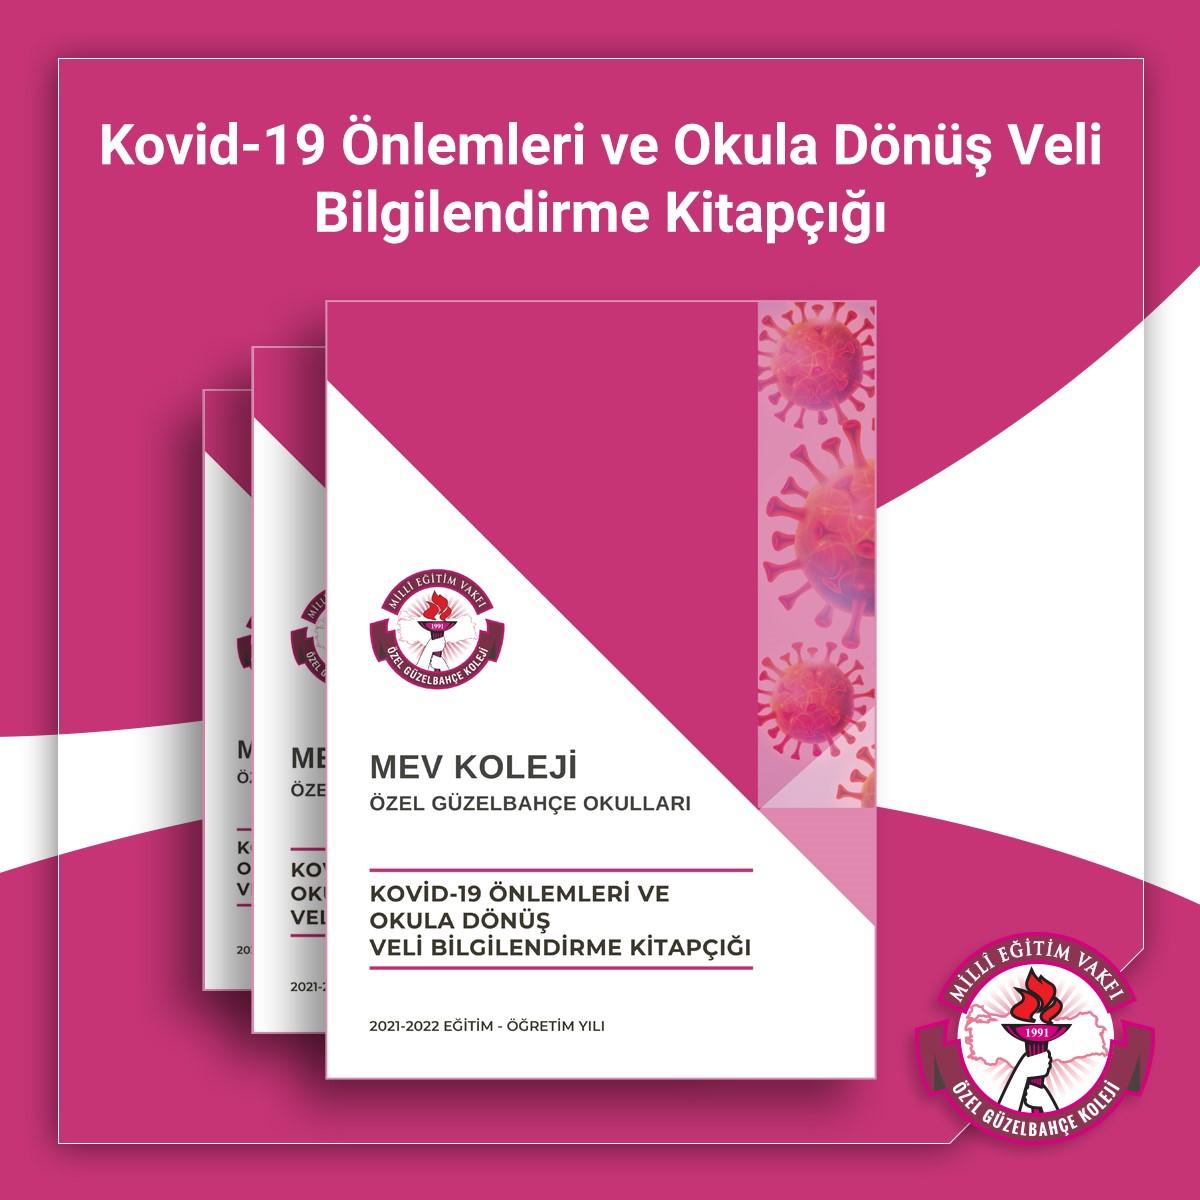 Kovid-19 Önlemleri ve Okula Dönüş Veli Bilgilendirme Kitapçığı